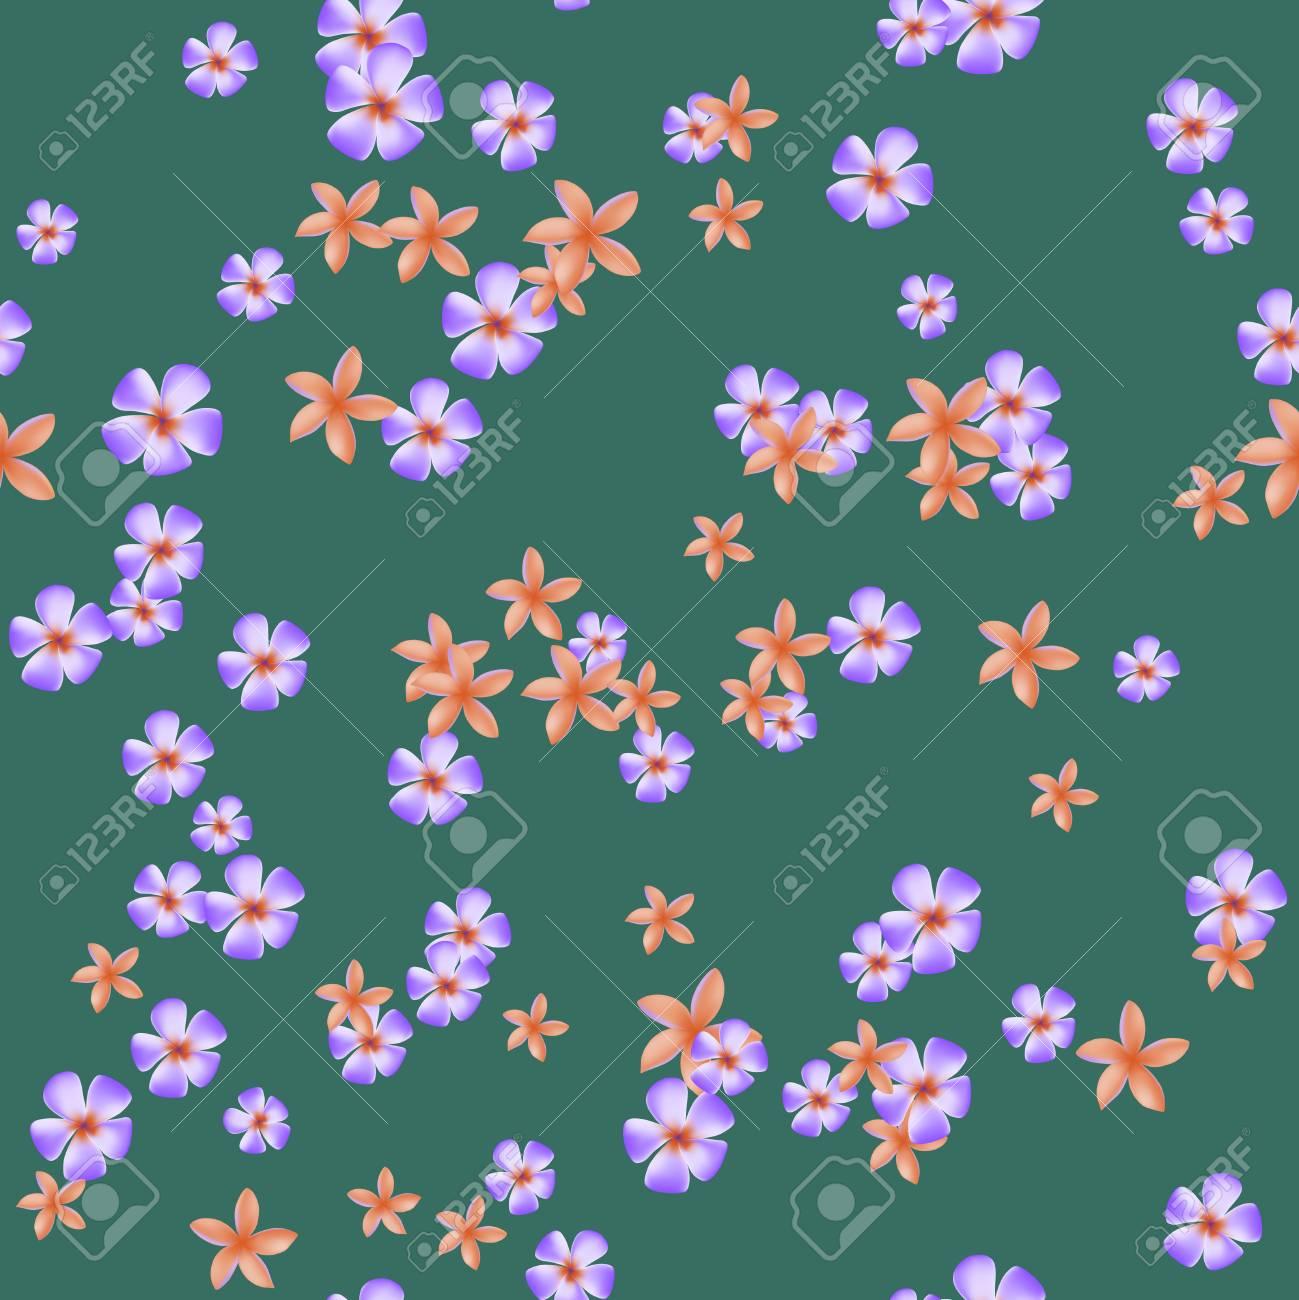 Fiori Di Plumeria Arancioni E Viola Su Sfondo Verde Modello Senza Soluzione Di Continuità